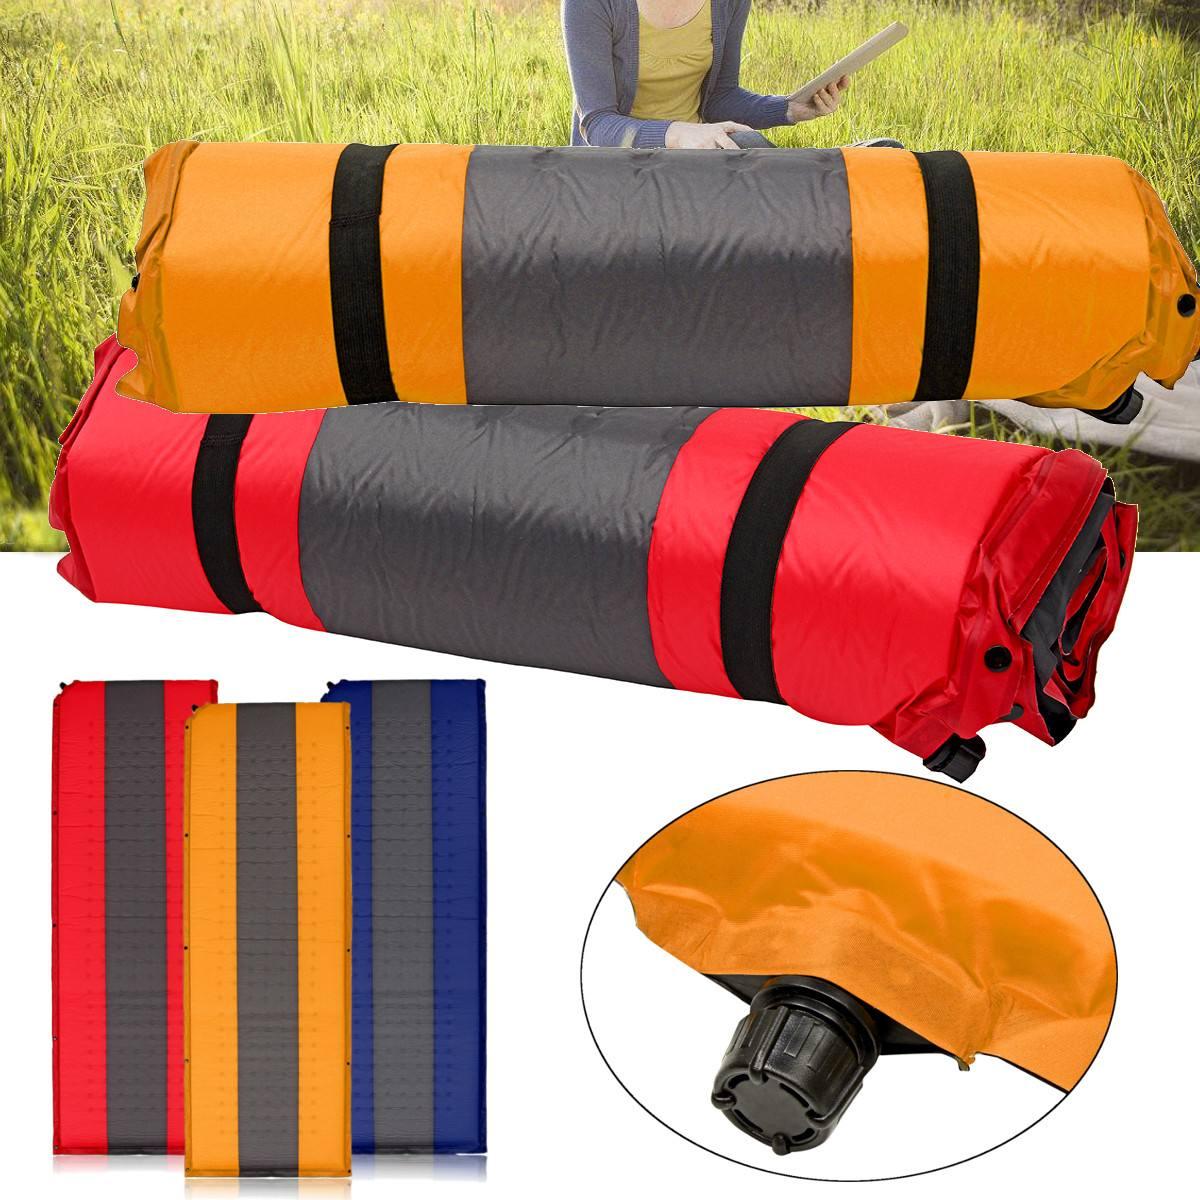 Auto gonflant extérieur Camping tapis pliable pique-nique Pad gonflable matelas de couchage 190x66x5 cm sac à dos voyage 3 couleurs